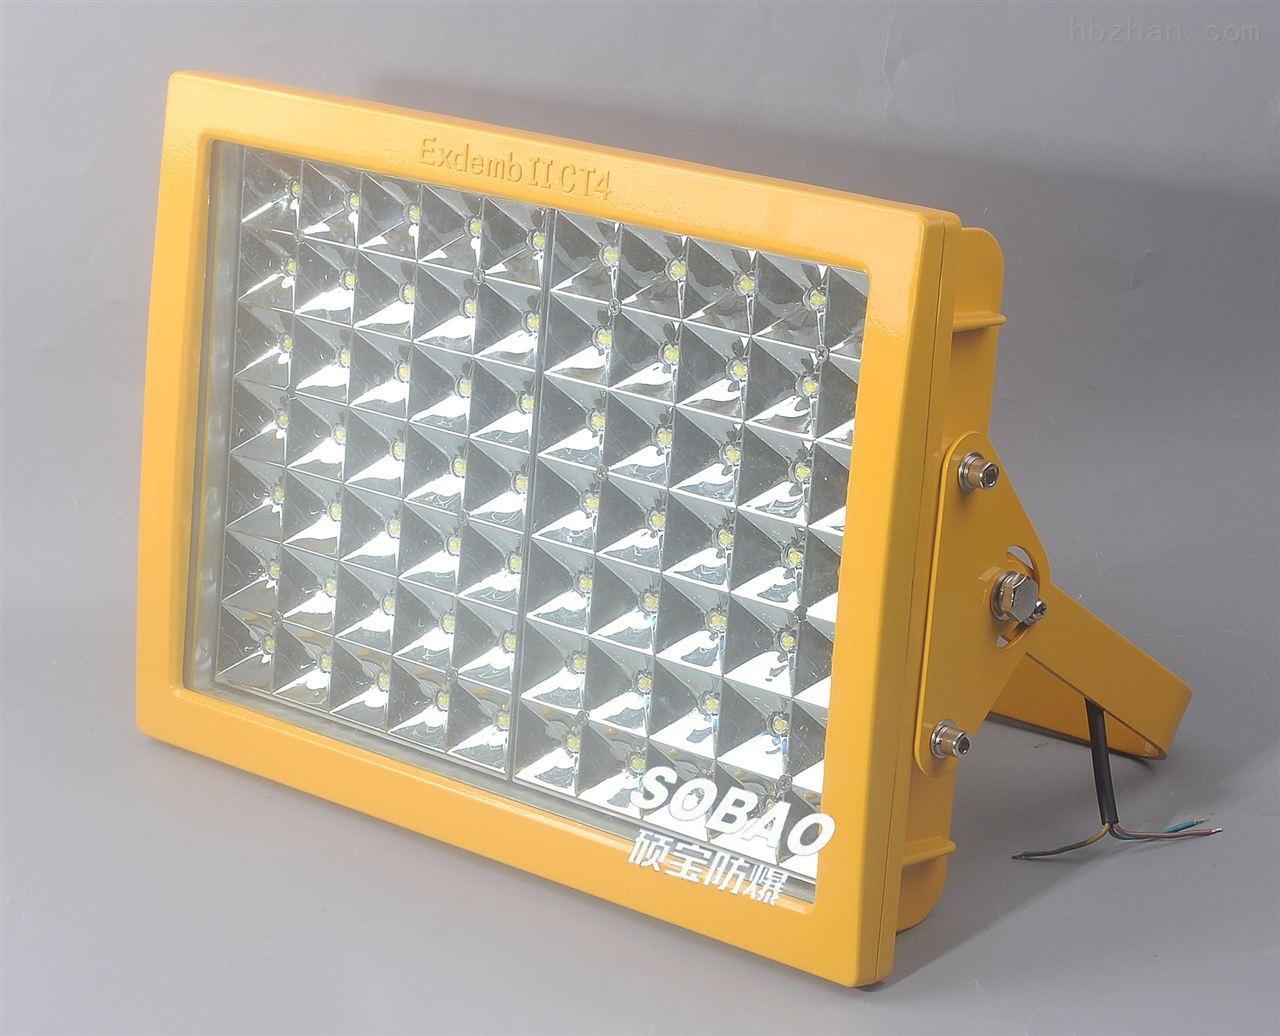 100W防爆LED灯/100WLED防爆灯/100W高效节能防爆LED照明灯